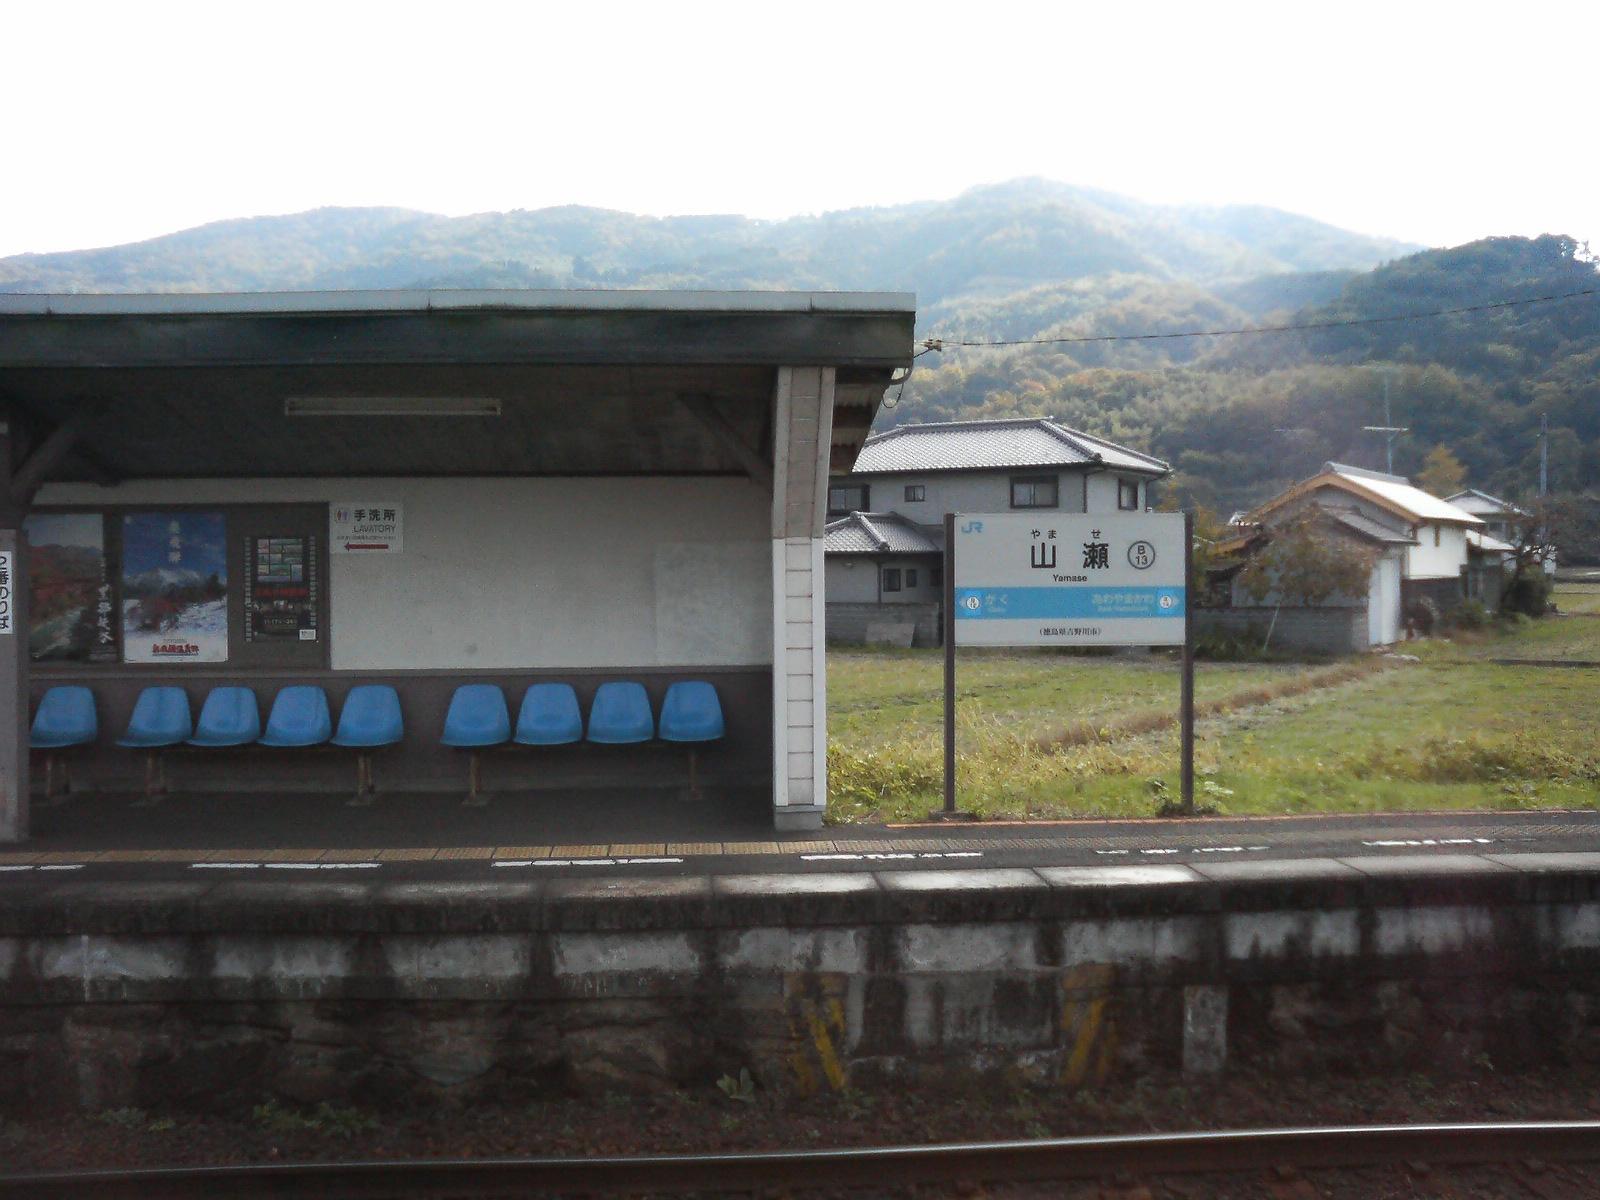 alm-ore] 山瀬駅